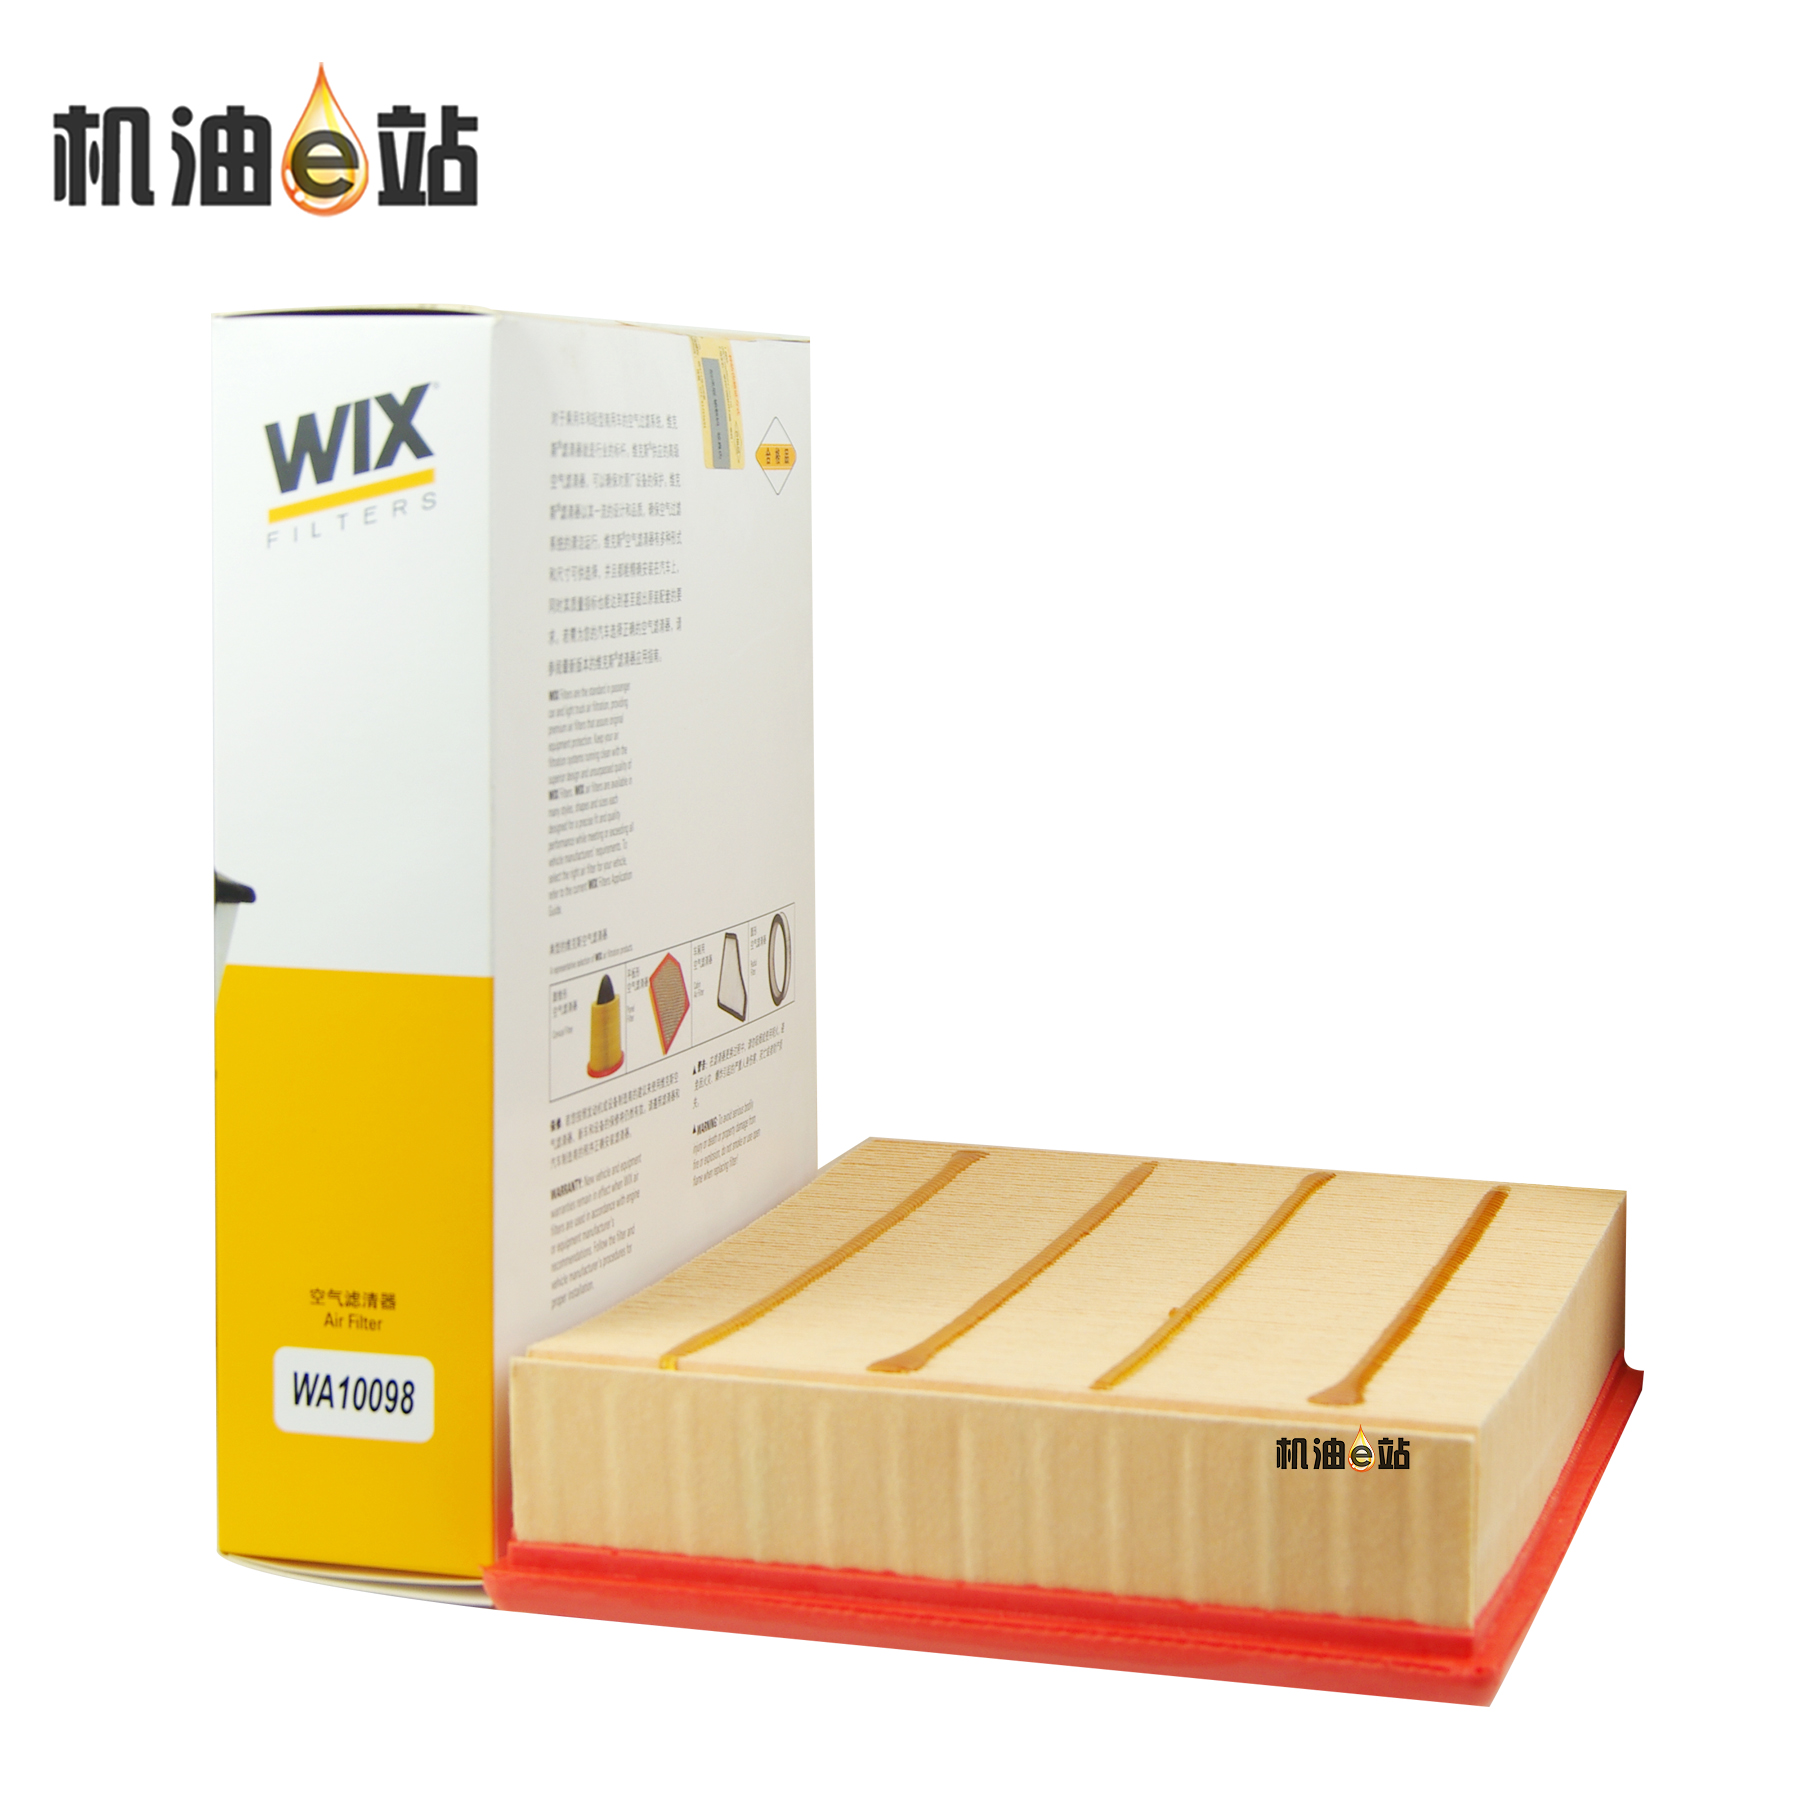 维克斯wa10098适用于上汽大众奥迪